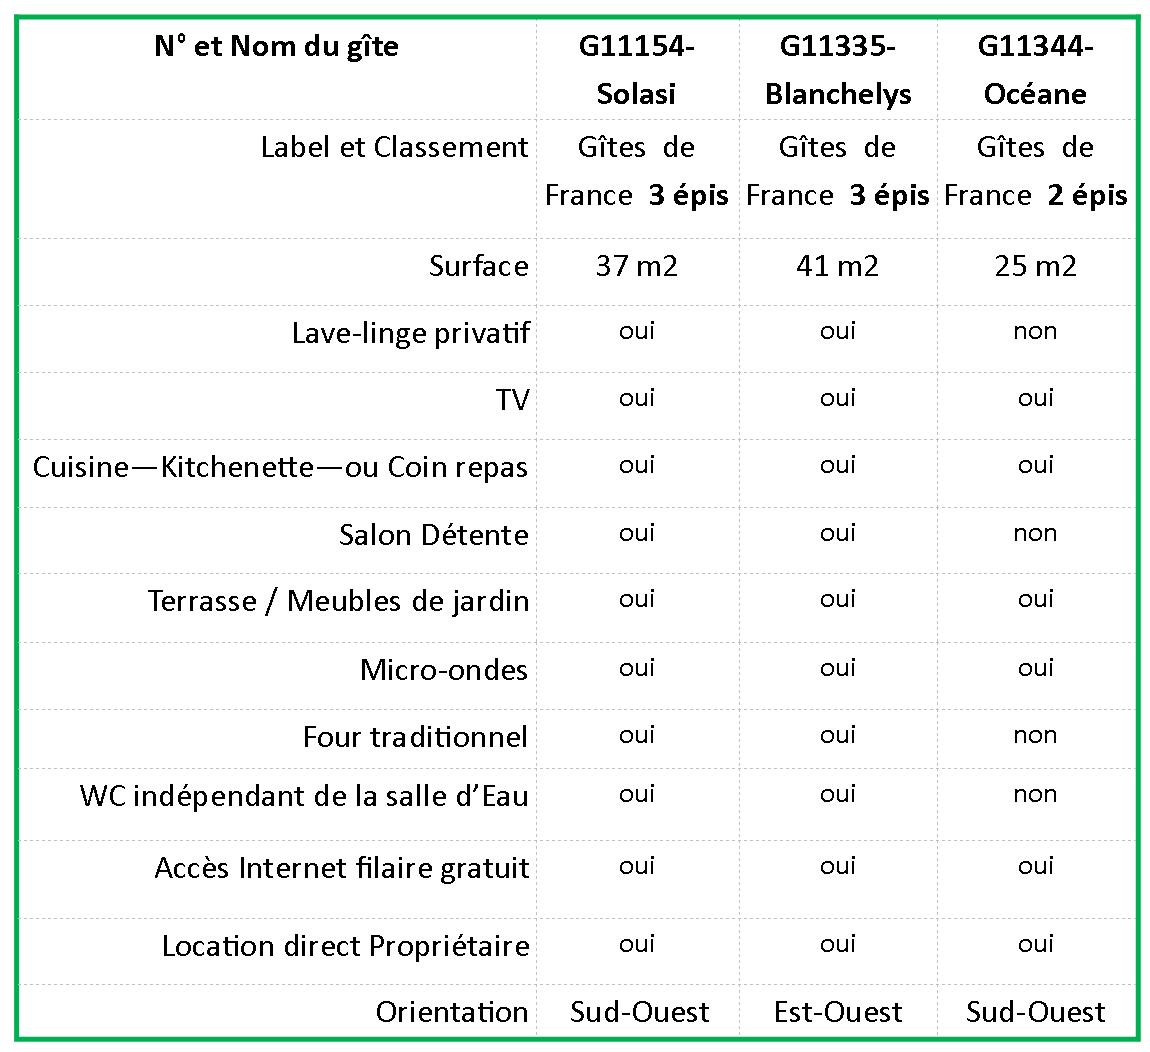 Comparartif gîtes